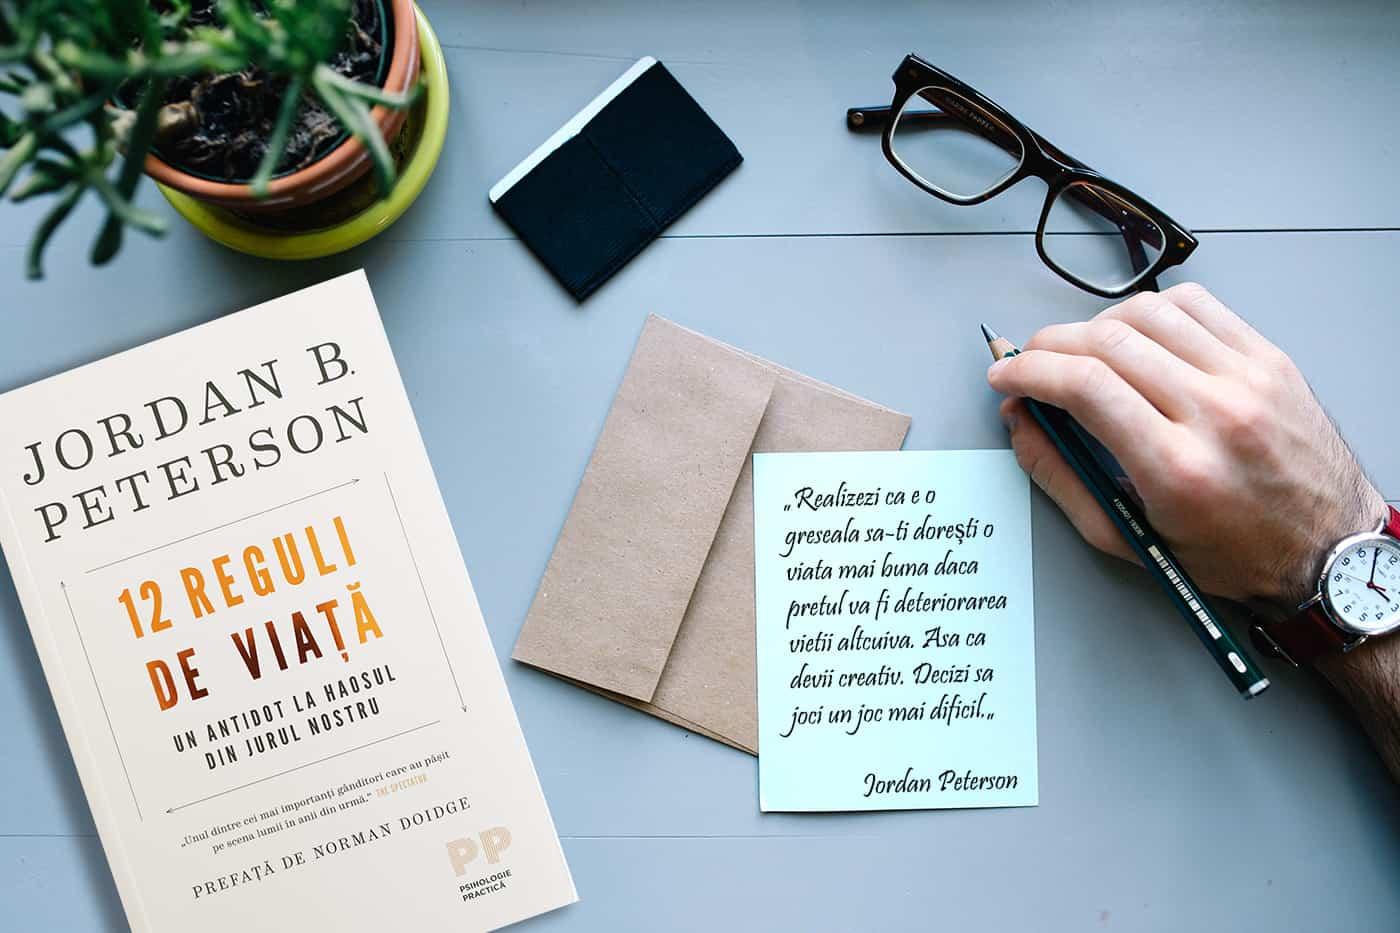 12 reguli de viata Jordan Peterson